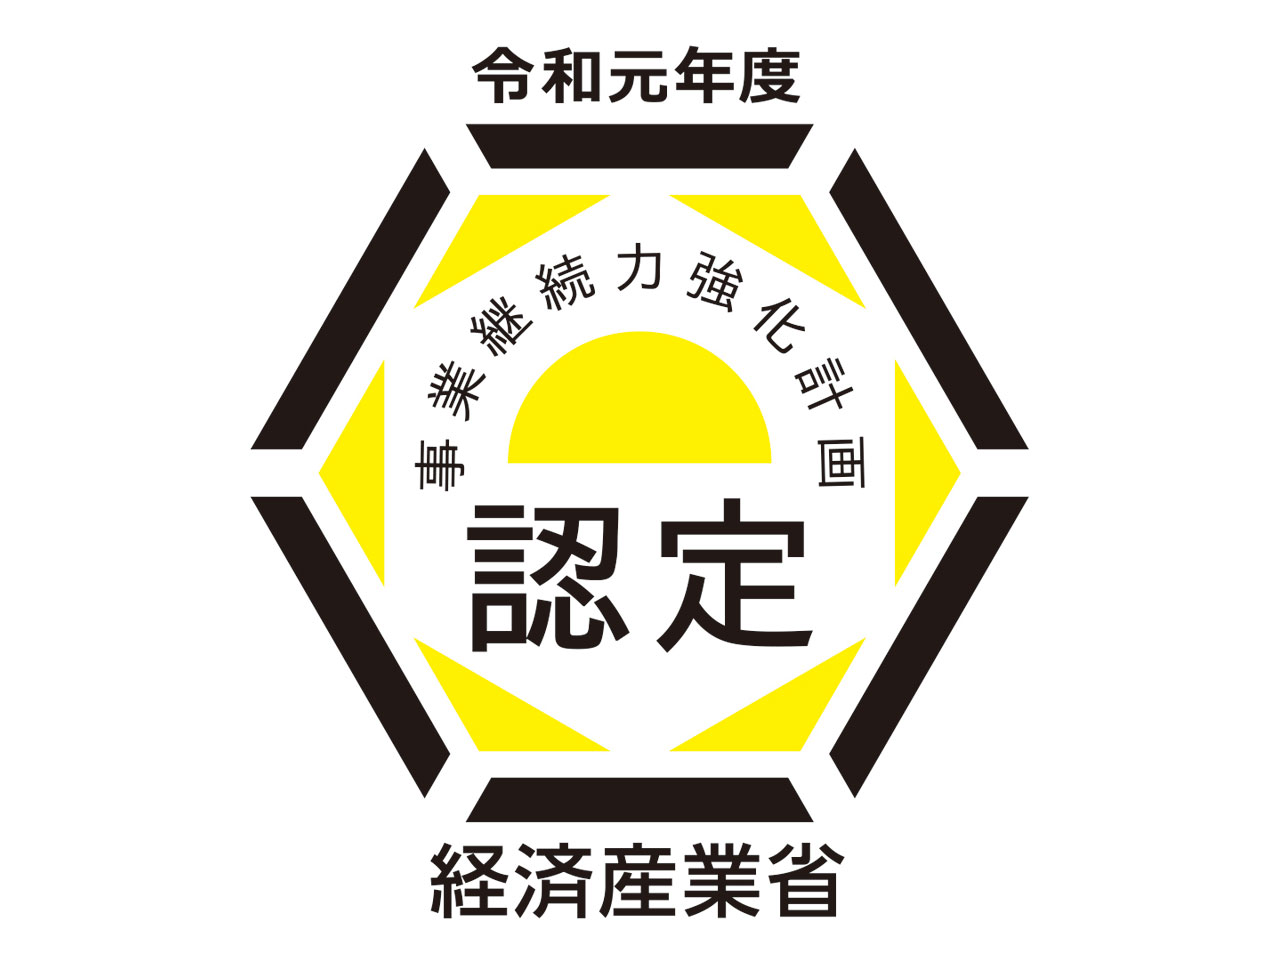 事業継続力強化計画(中小企業庁)が認定されました。